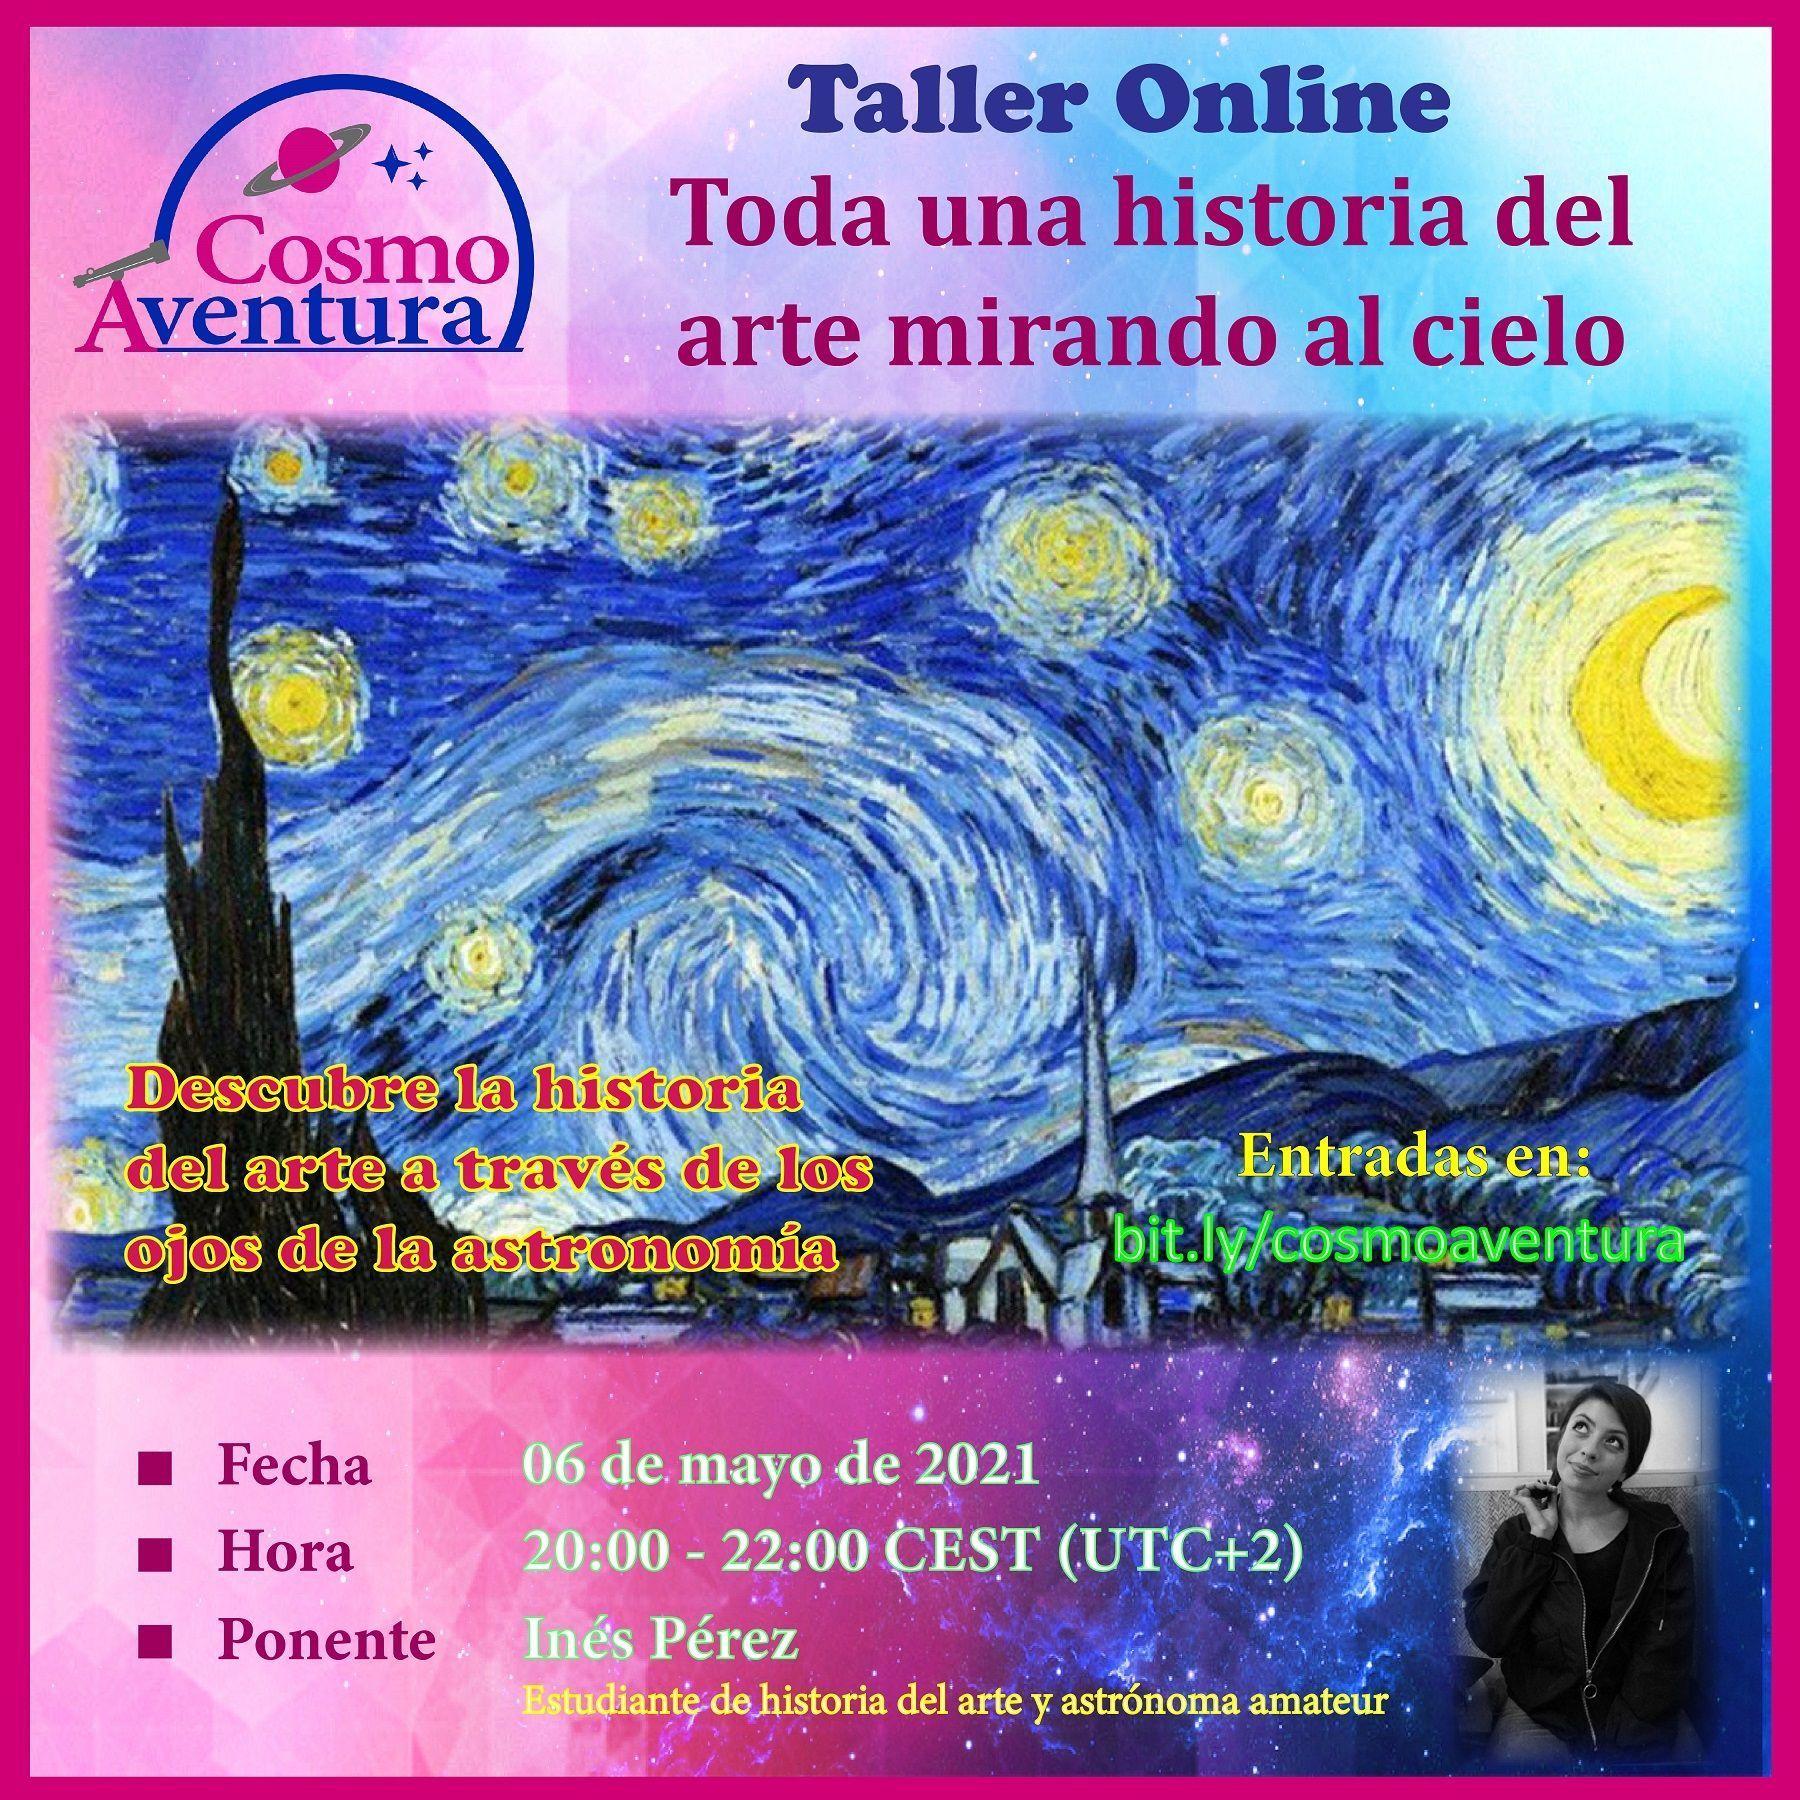 06-05-2021.- Taller Online: Toda una historia del arte mirando al cielo